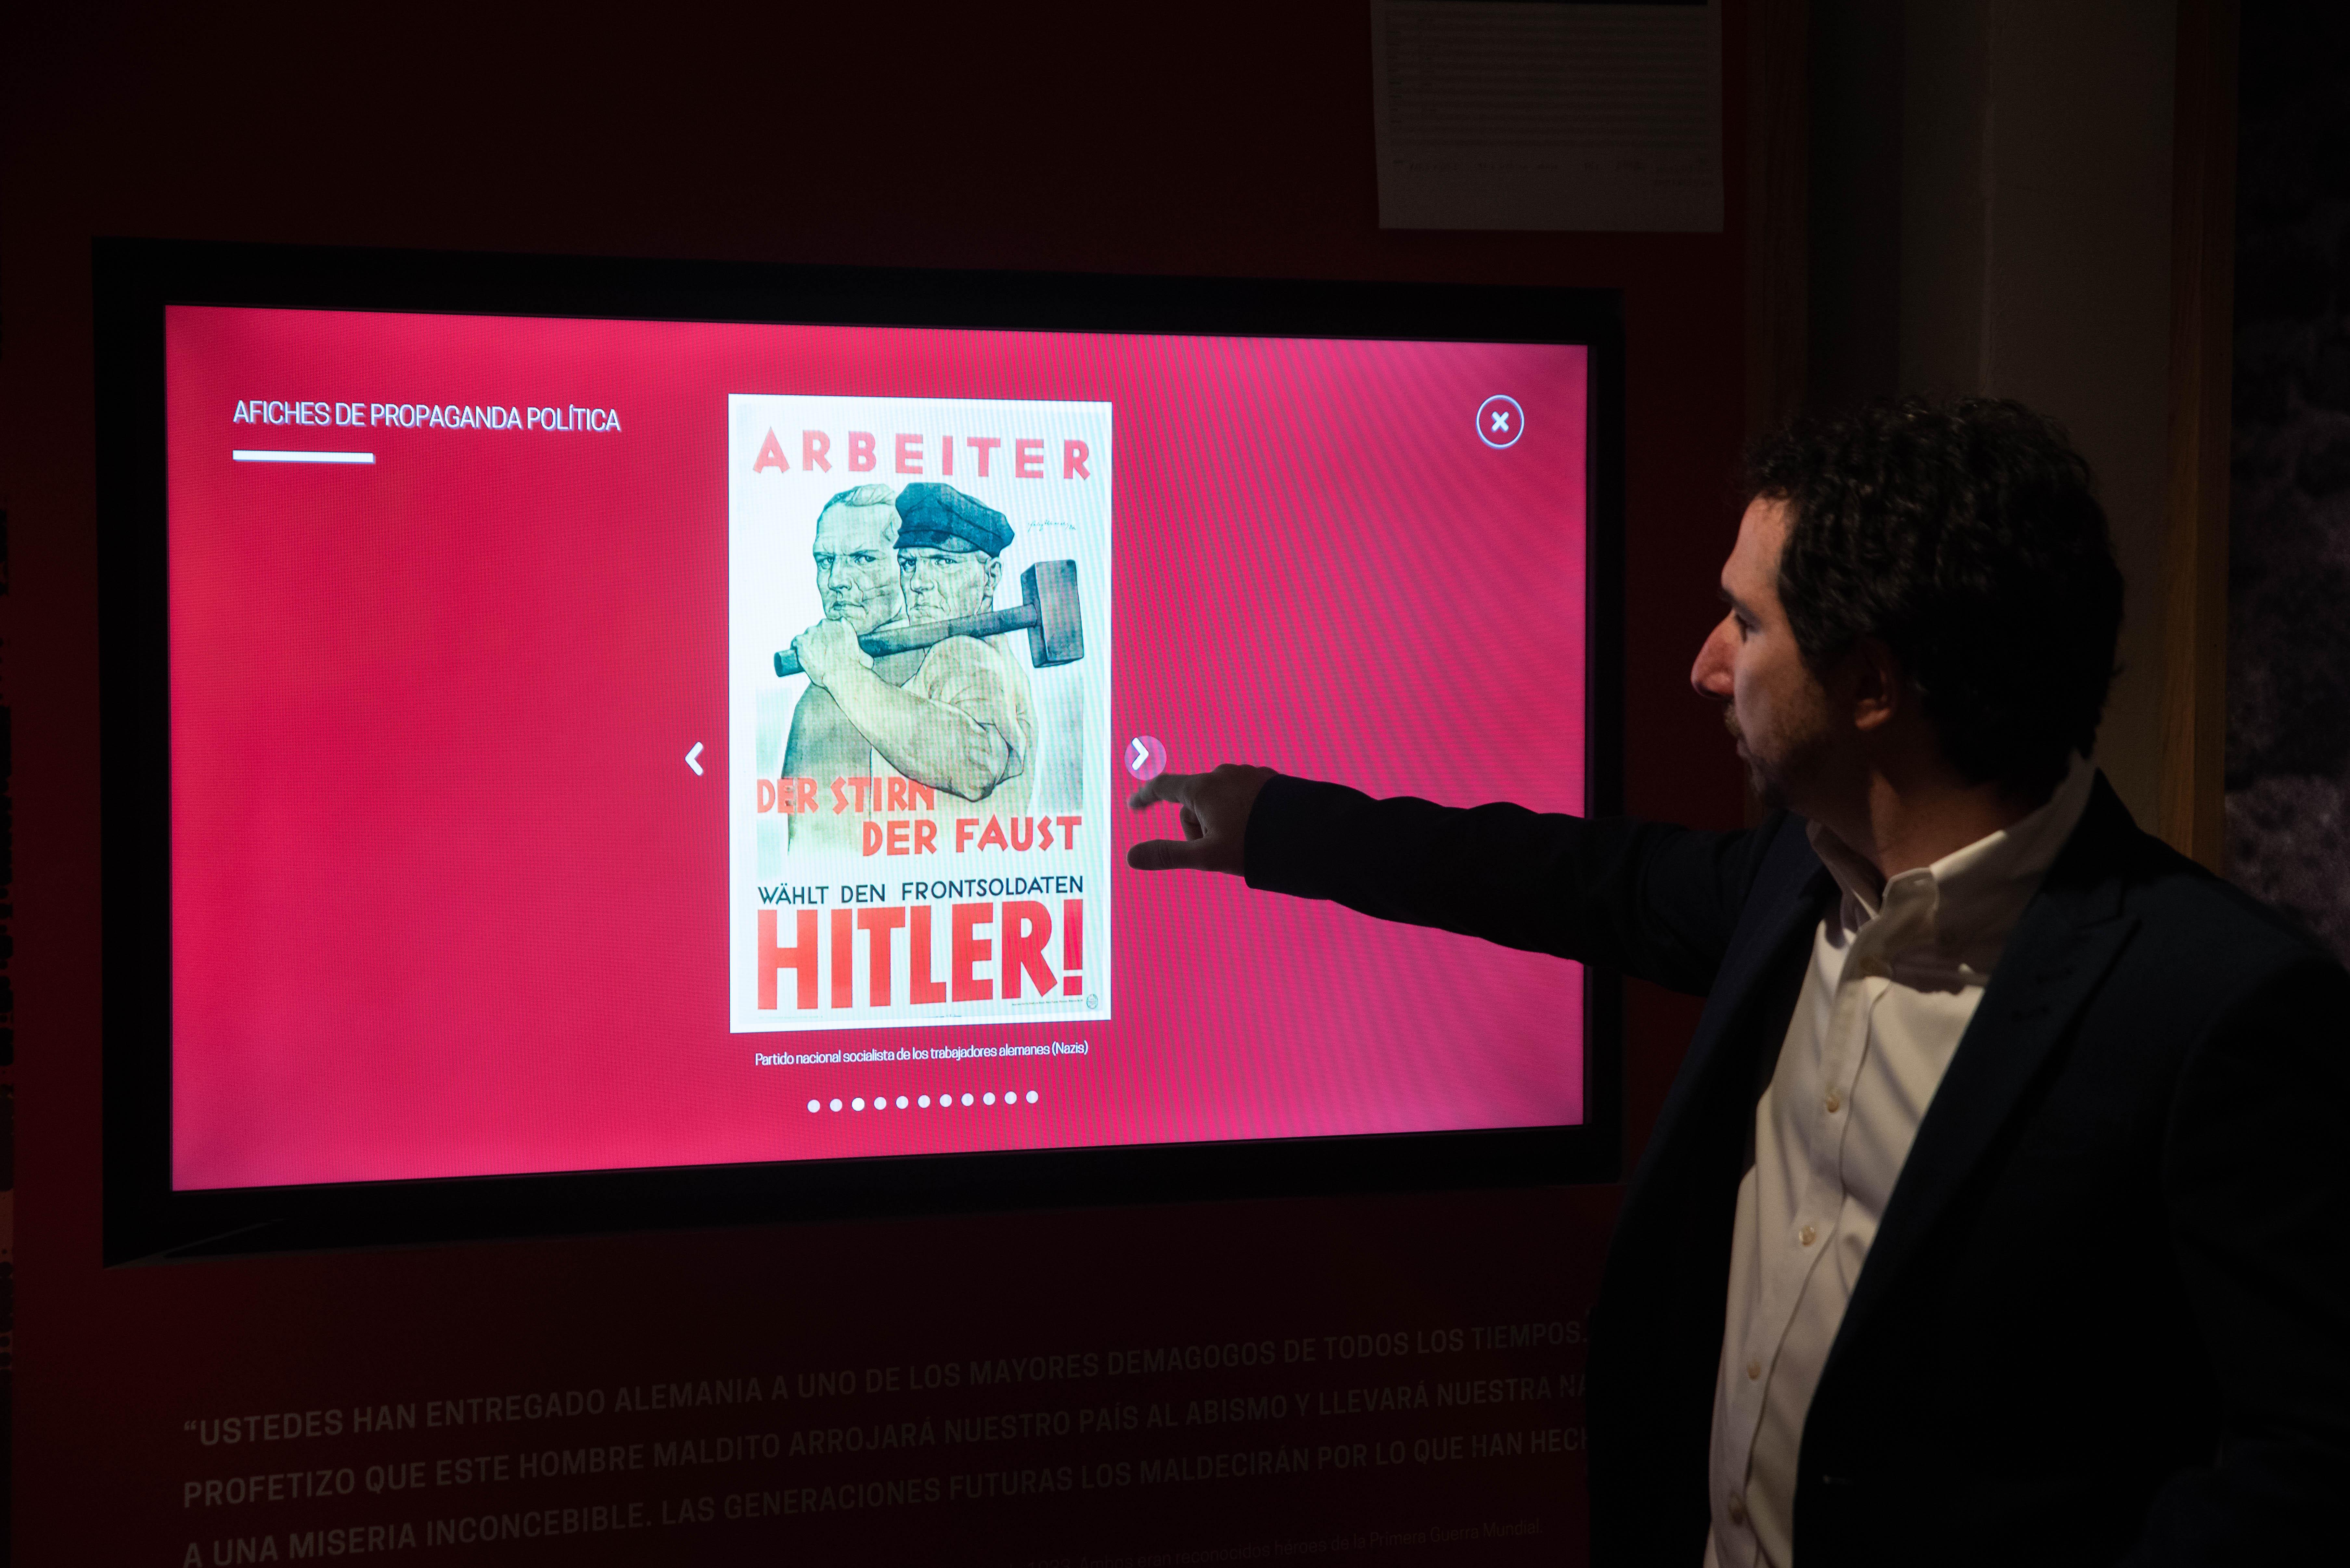 Una pantalla interactiva divide el período en cuatro grandes conceptos: el ascenso del nazismo, la hiperinflación, la propaganda política y el antisemitismo.